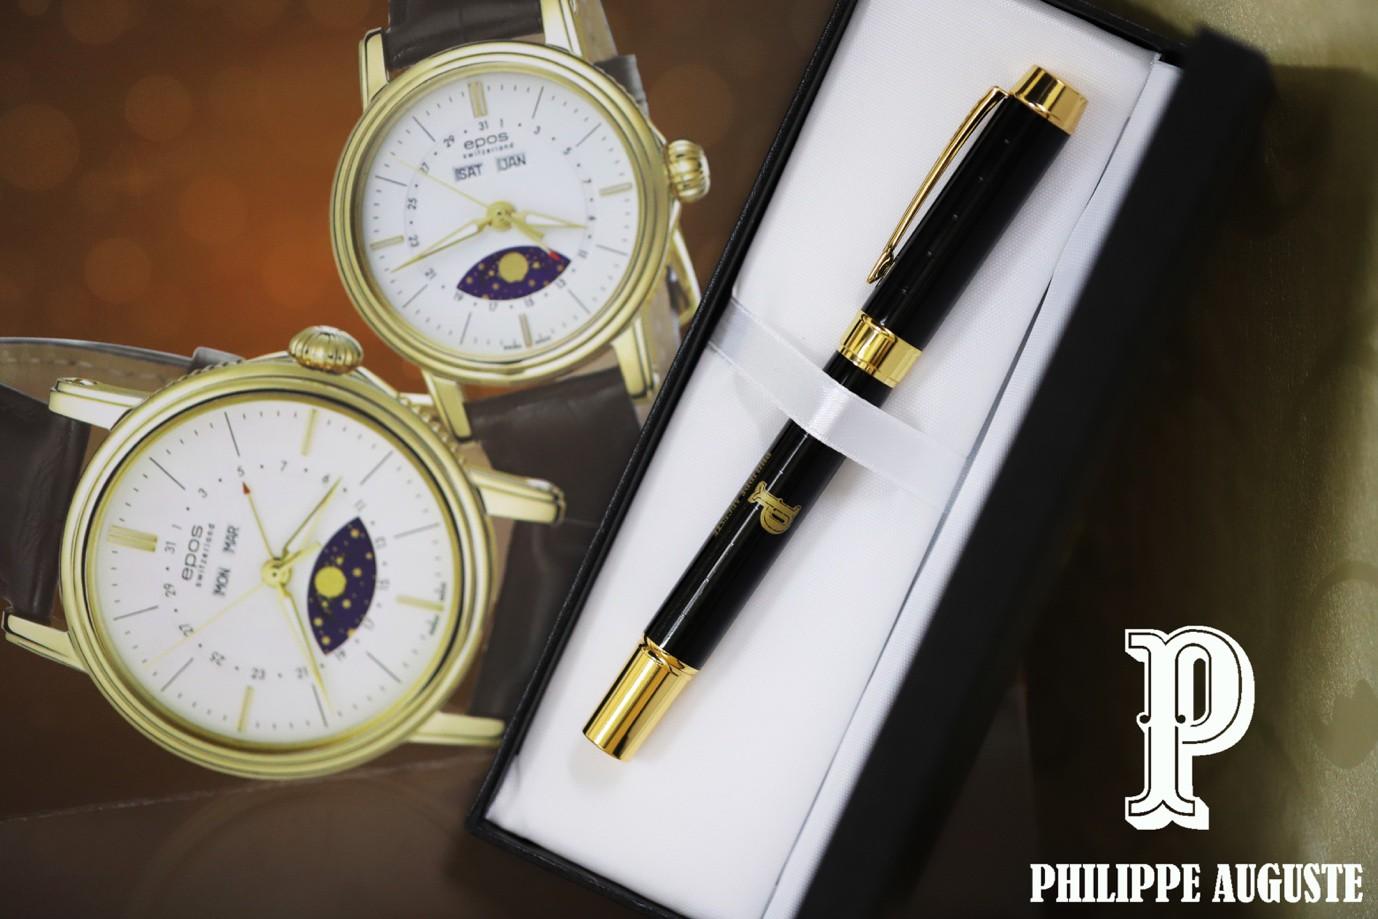 Ưu đãi giảm giá lên đến 25% tuần lễ trải nghiệm mua sắm đỉnh cao với đồng hồ, kính mắt Đăng Quang - Ảnh 5.